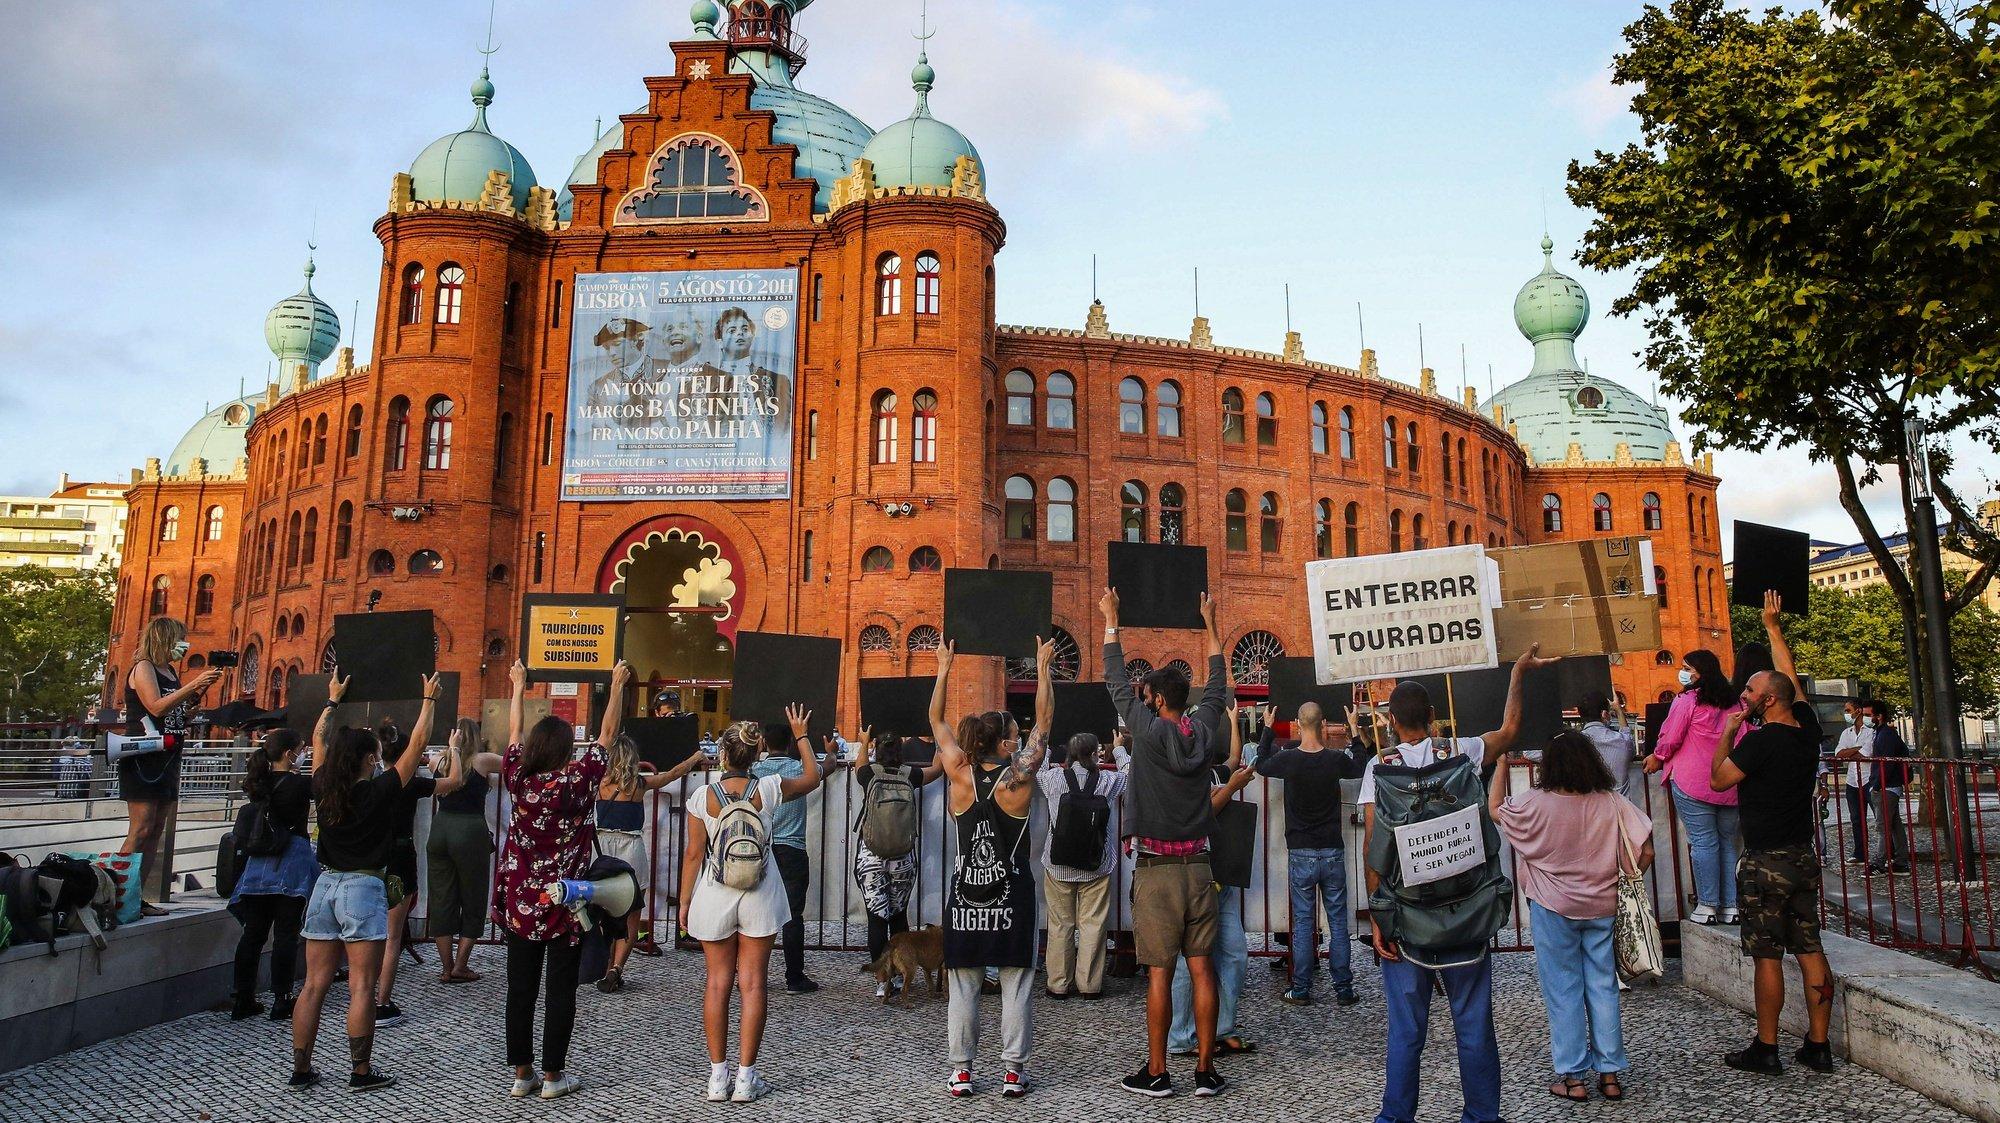 """Protesto """"Tourada em Portugal é vergonha nacional"""", uma iniciativa promovida pelo grupo Acção Directa, no dia em que se realiza a corrida de inauguração da temporada tauromáquica no Campo Pequeno, Lisboa, 05 de agosto de 2021. MANUEL DE ALMEIDA/LUSA"""